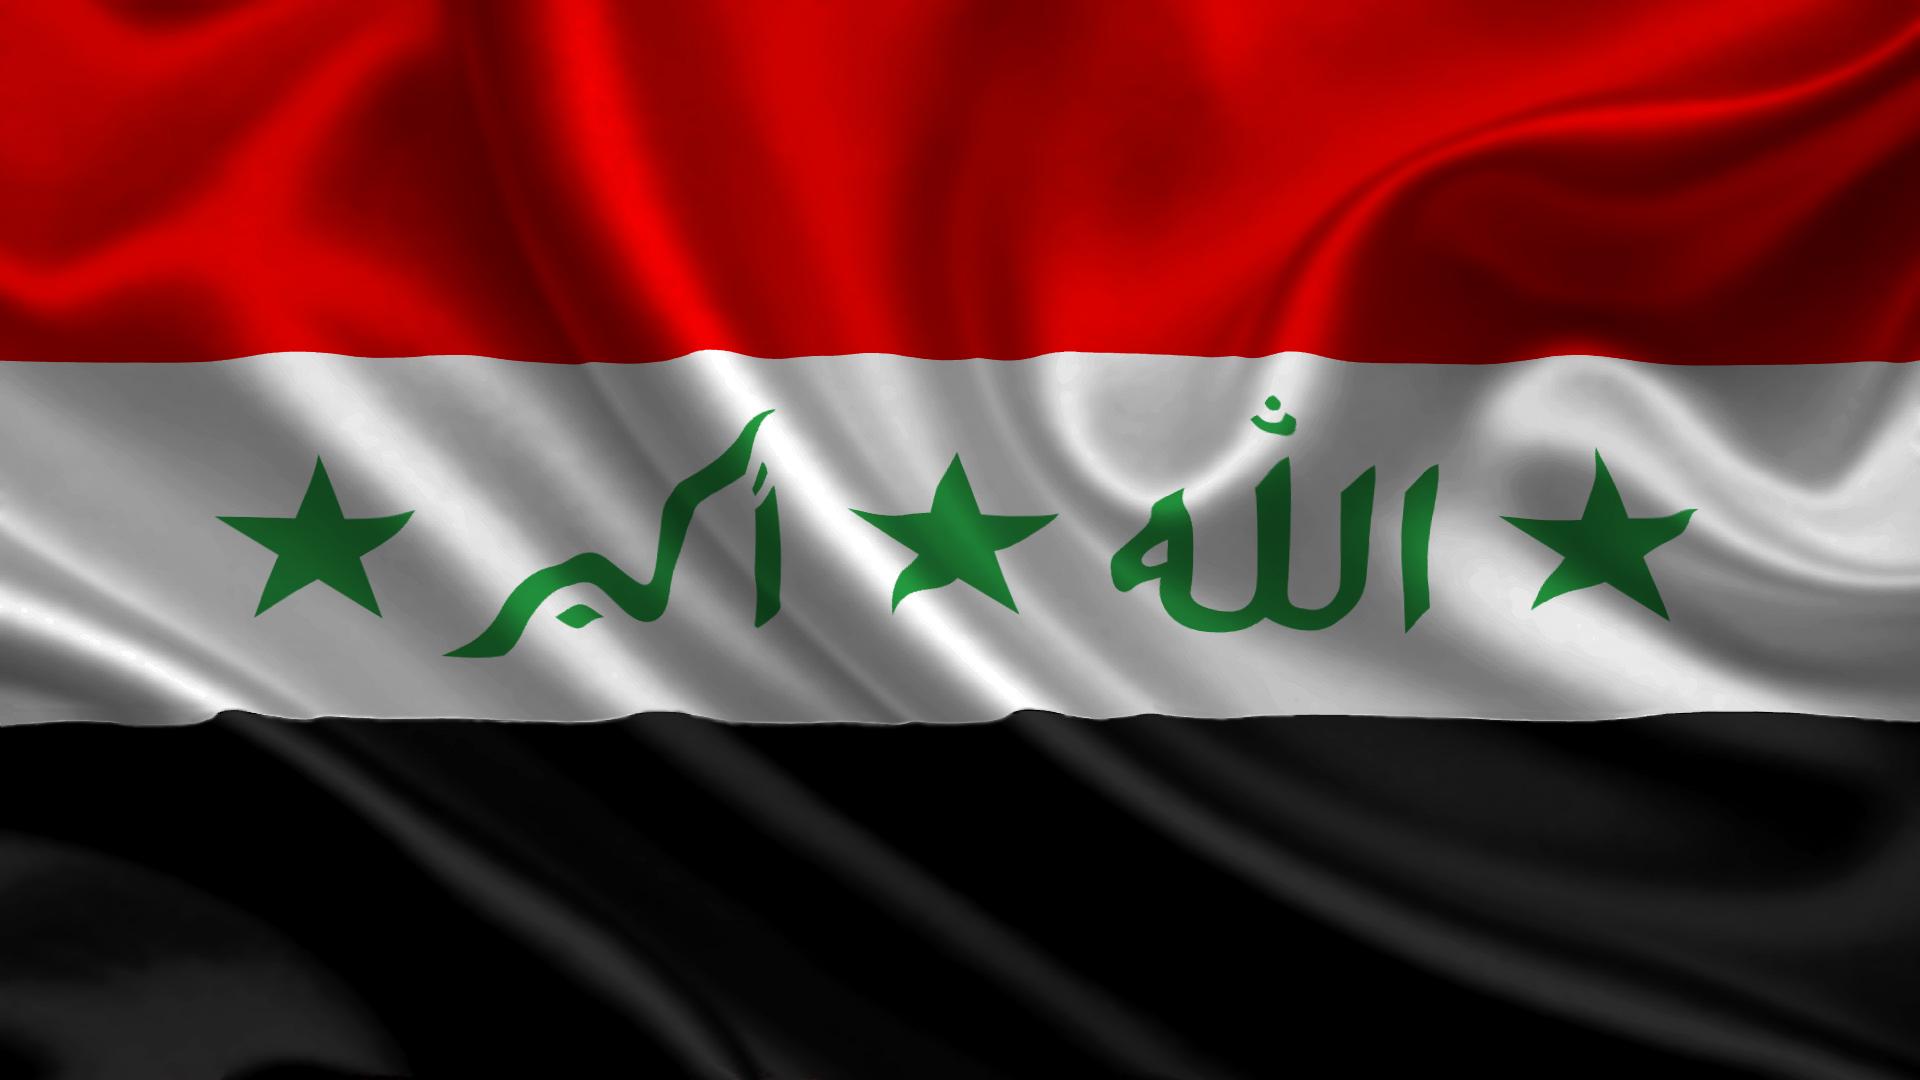 iraqb